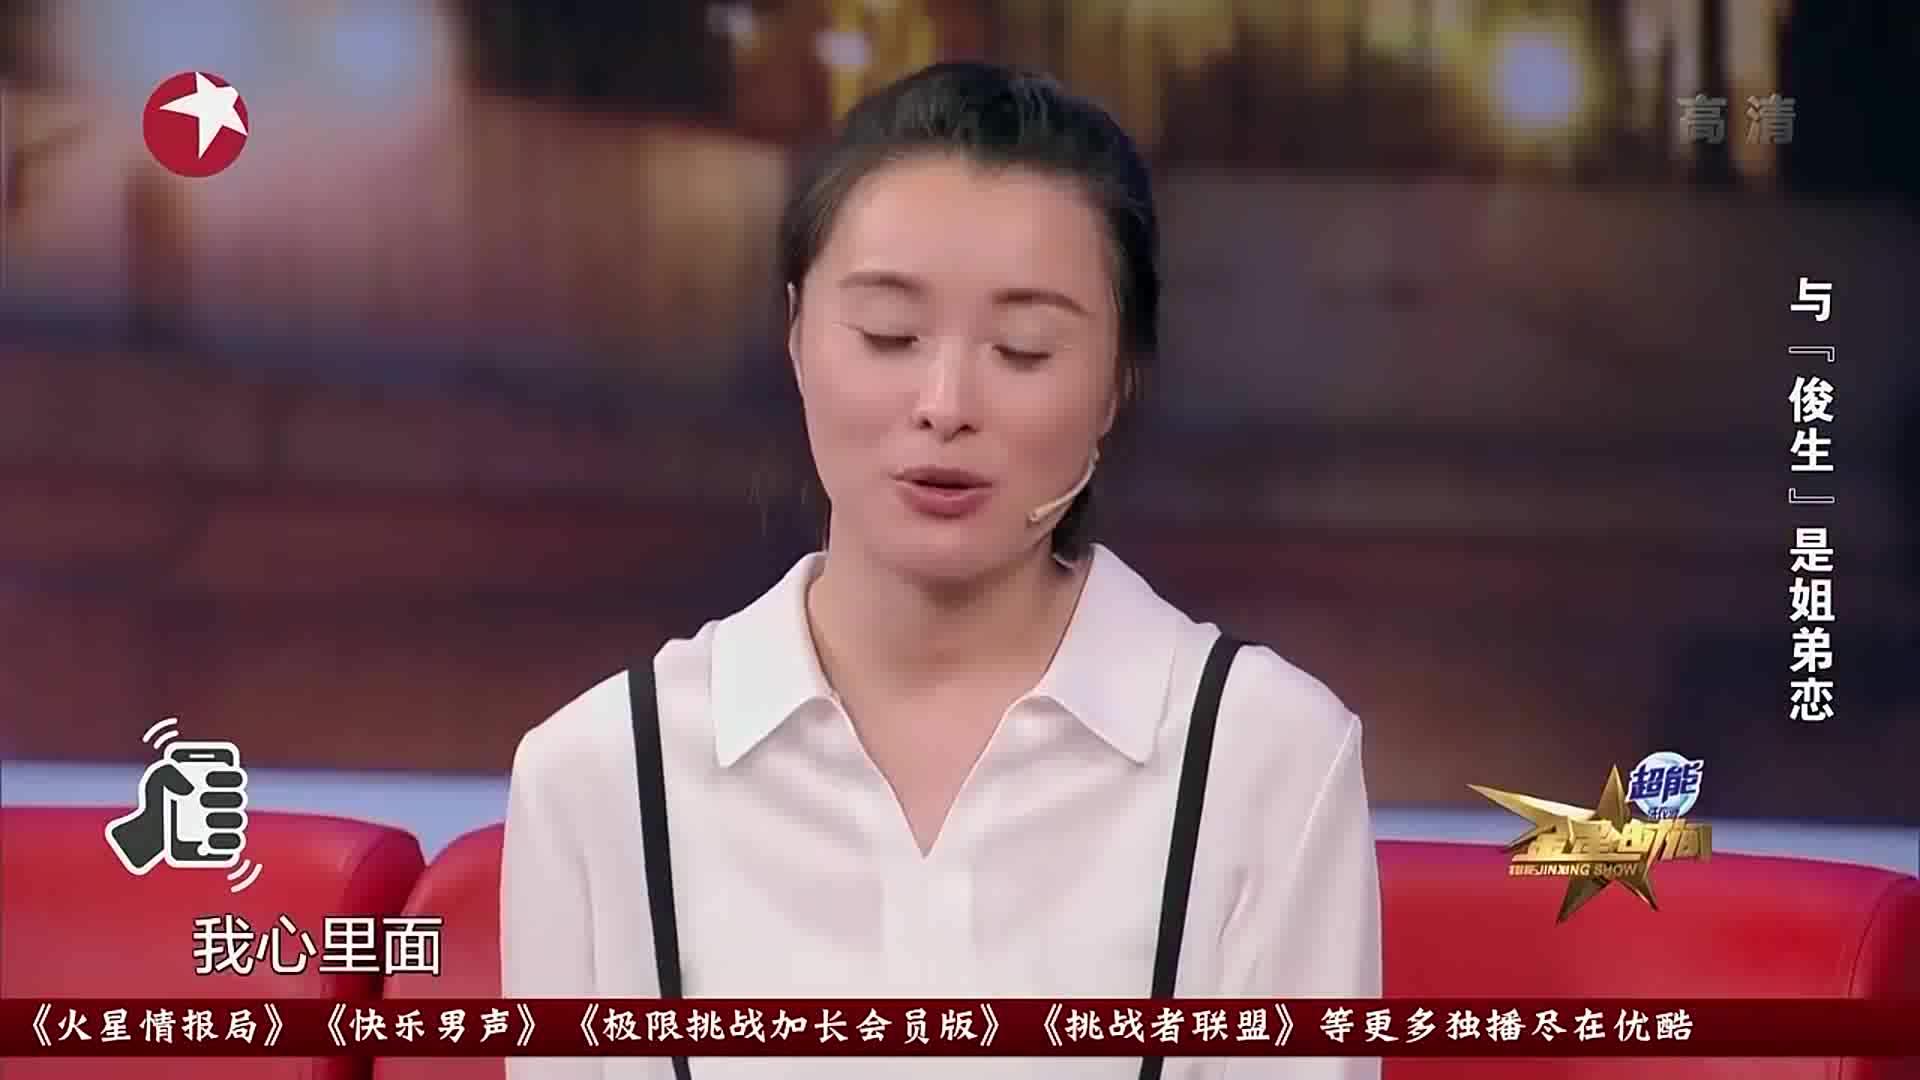 金星秀:吴越和张丰毅拍戏,直接演一次过,好演员就是好演员!